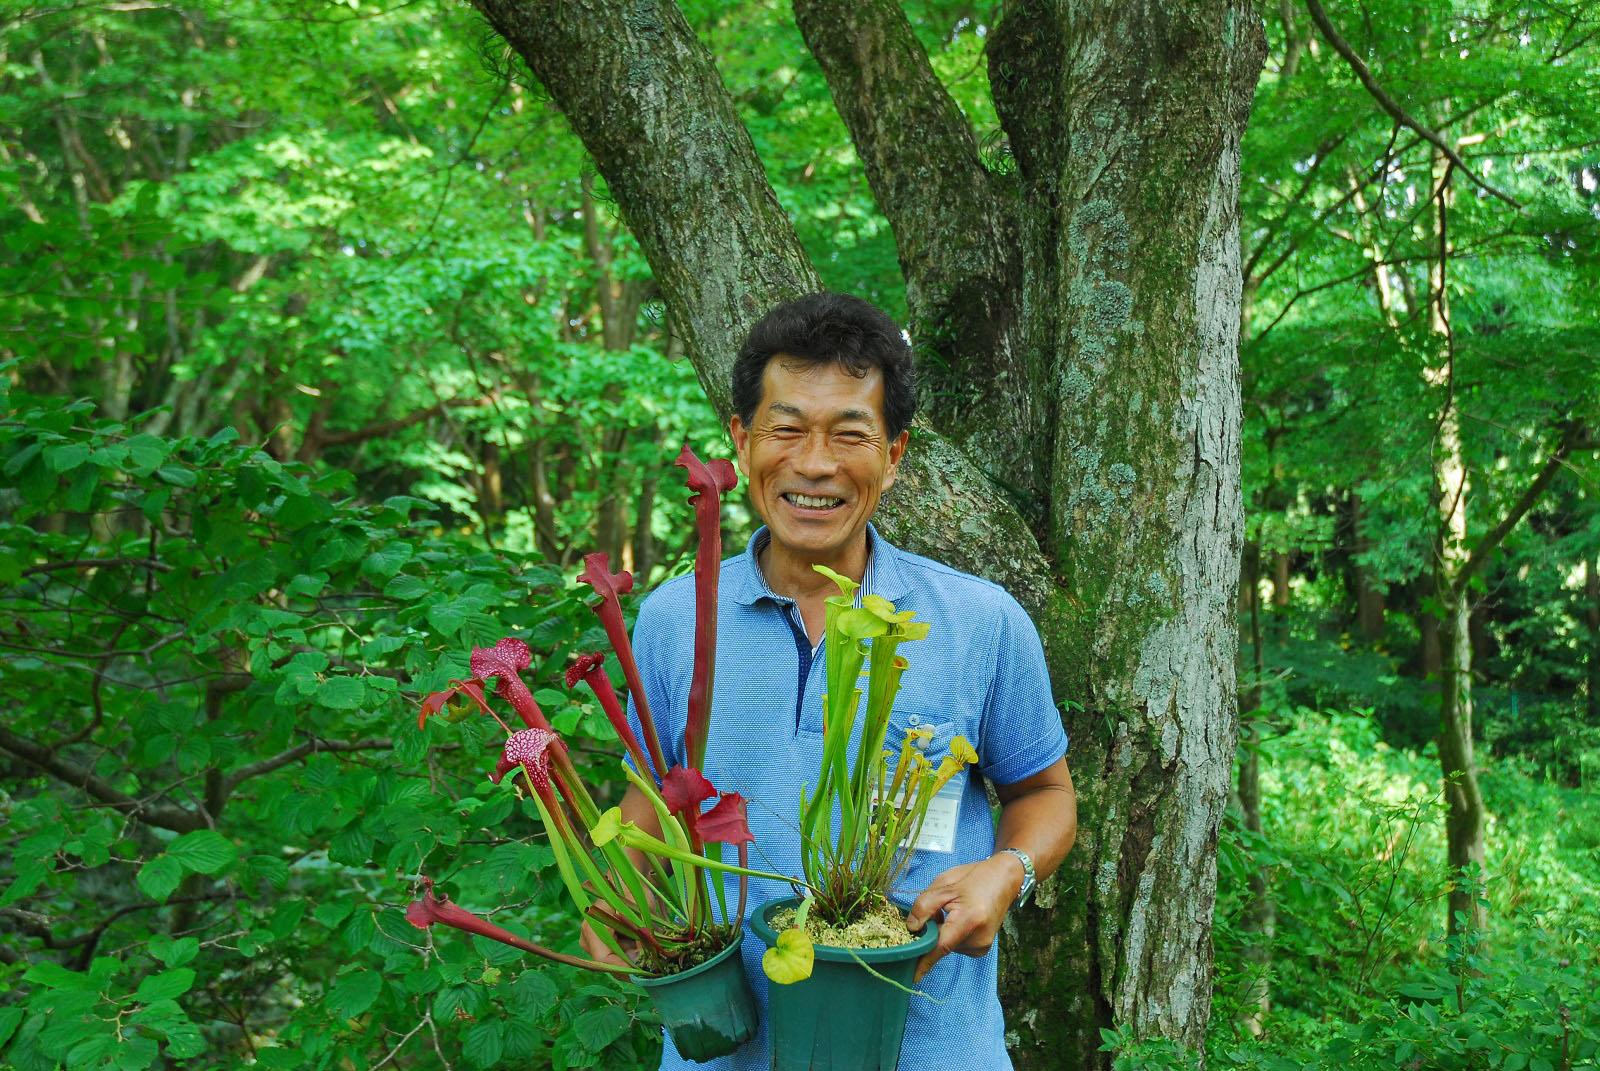 【満席になりました!】食虫植物の寄せ植え体験